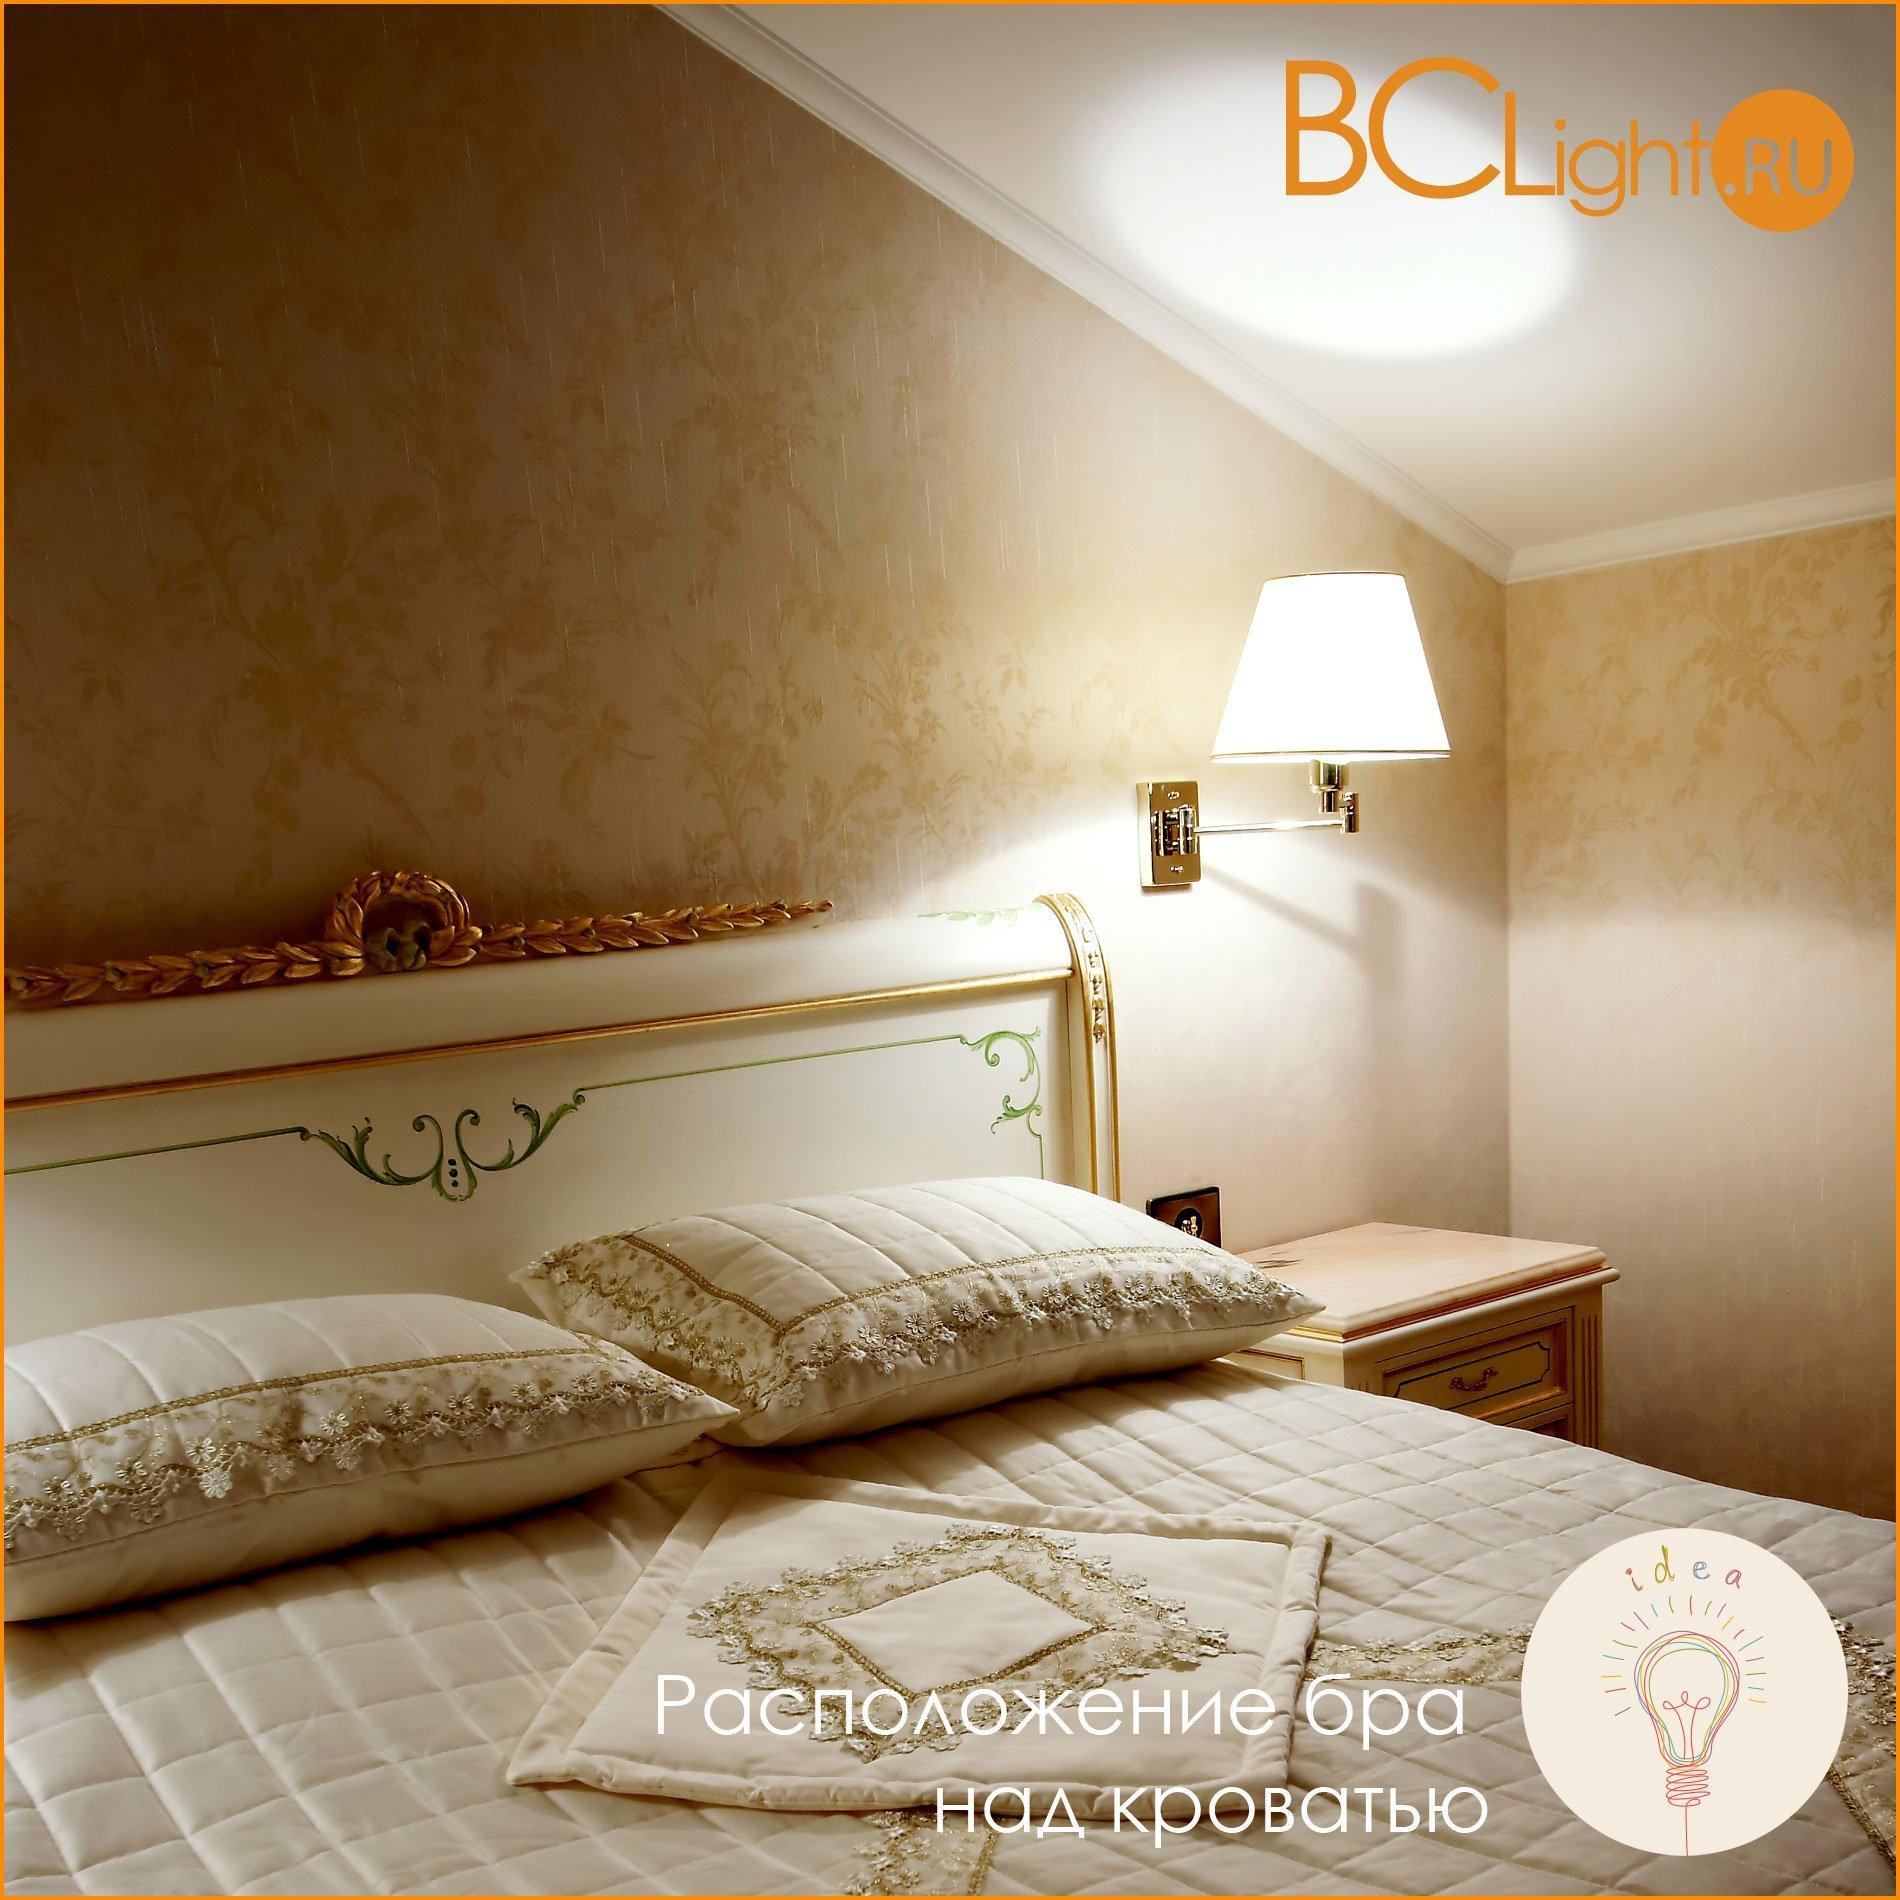 Расположение бра над кроватью